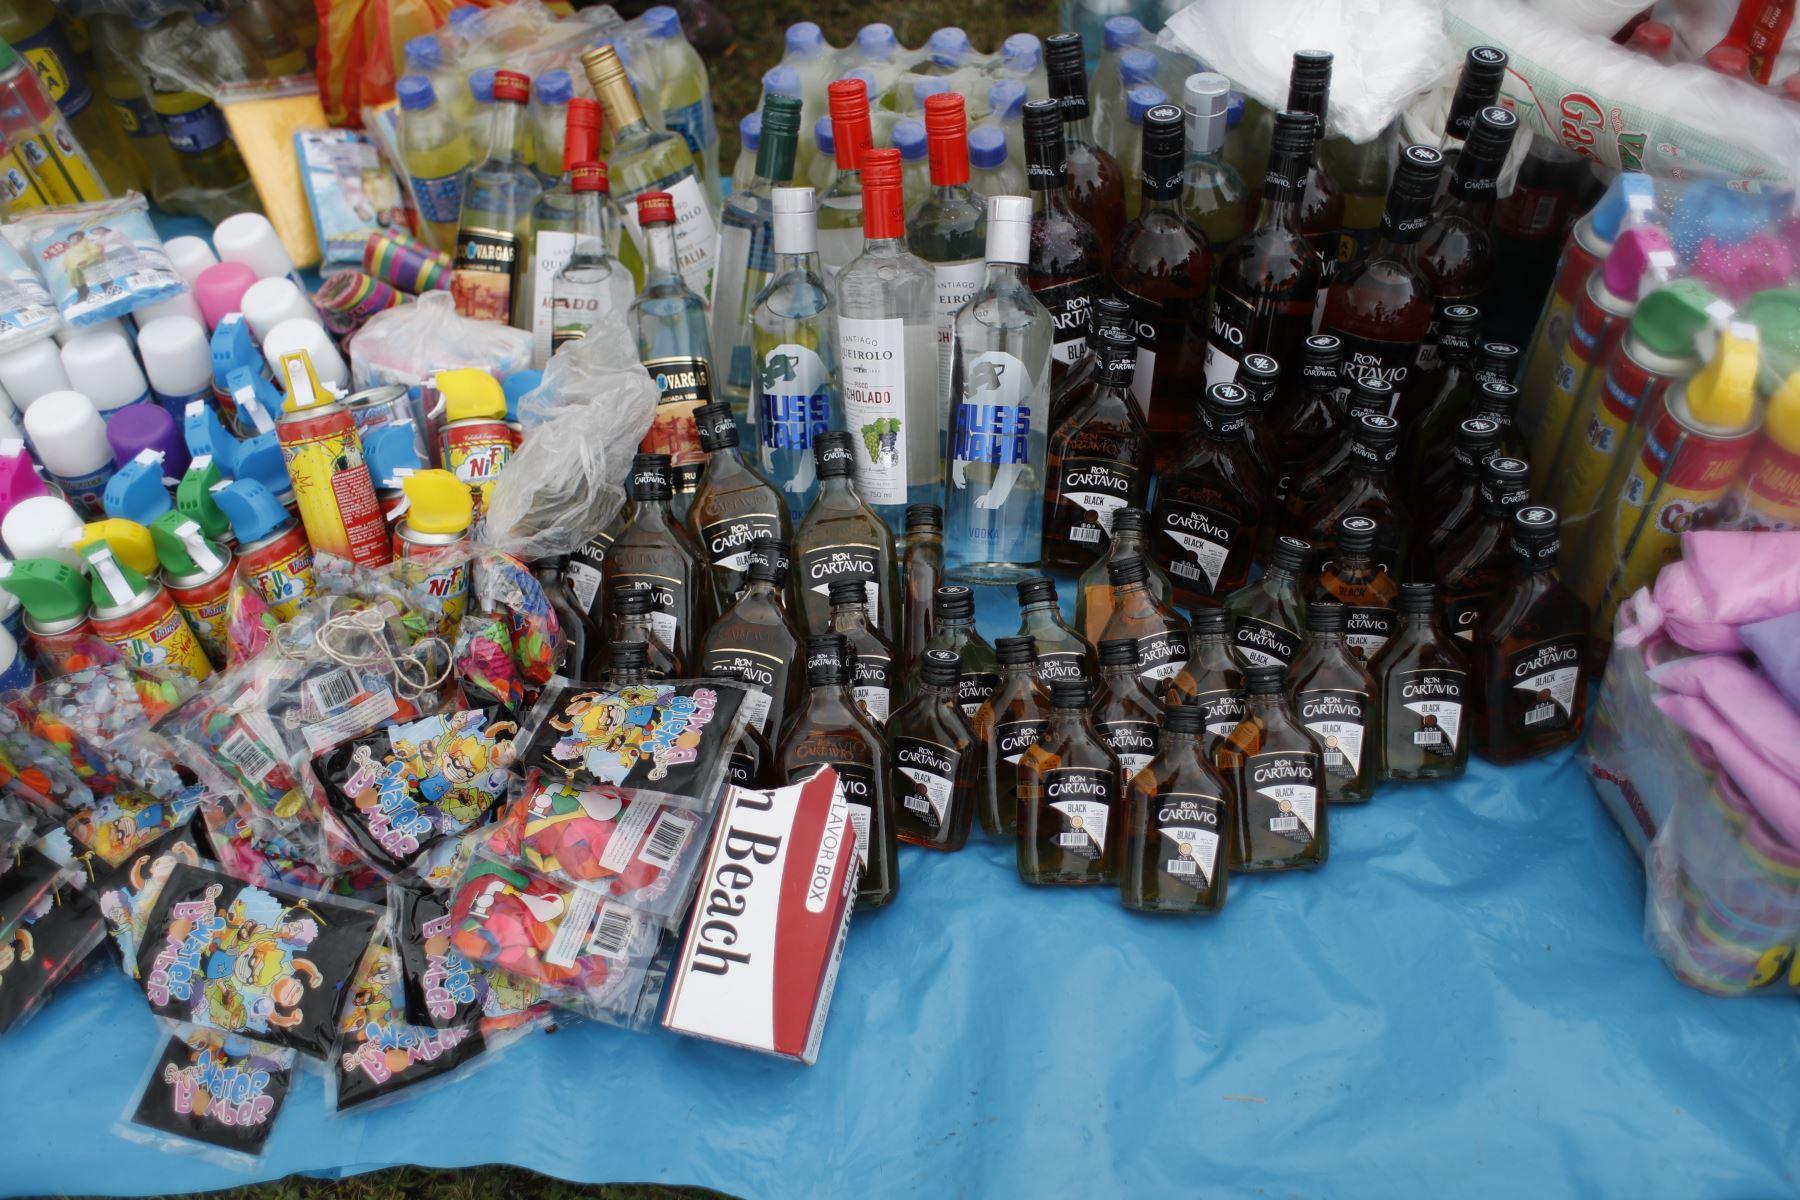 Tampoco hace falta la venta de licor en la festividad. Foto: ANDINA/Renato Pajuelo